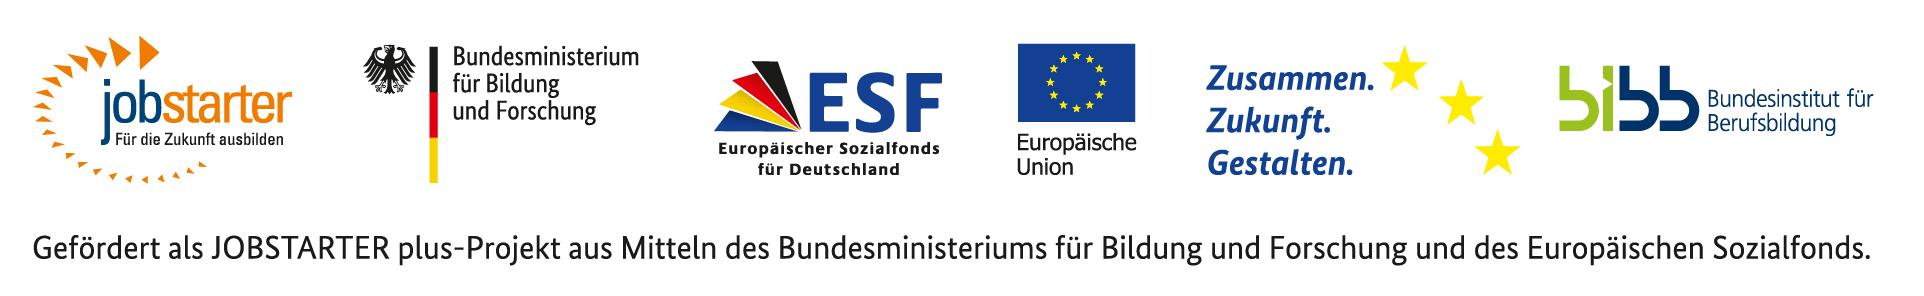 Gefördert als JOBSTARTER plus-Projekt aus Mitteln des Bundesministeriums für Bildung und Forschung und des Europäischen Sozialfonds.